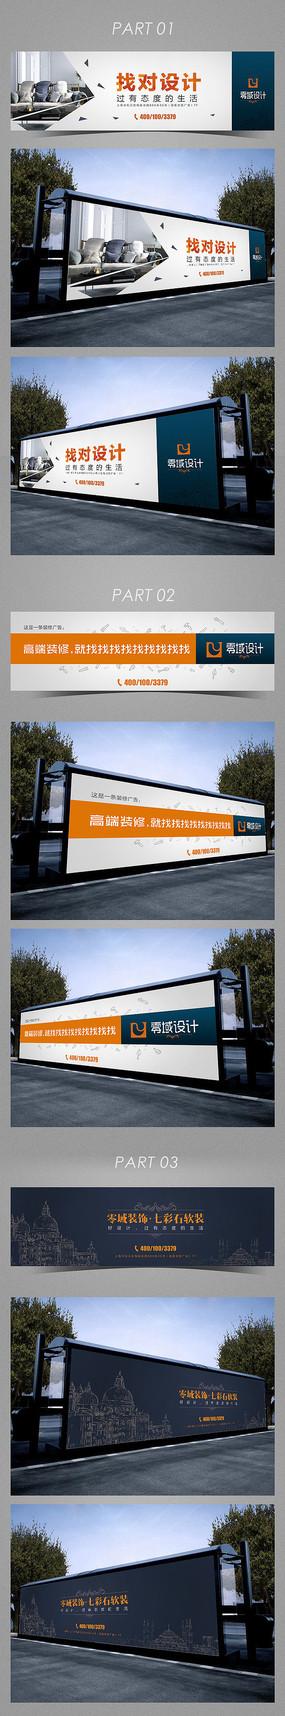 公司广告牌